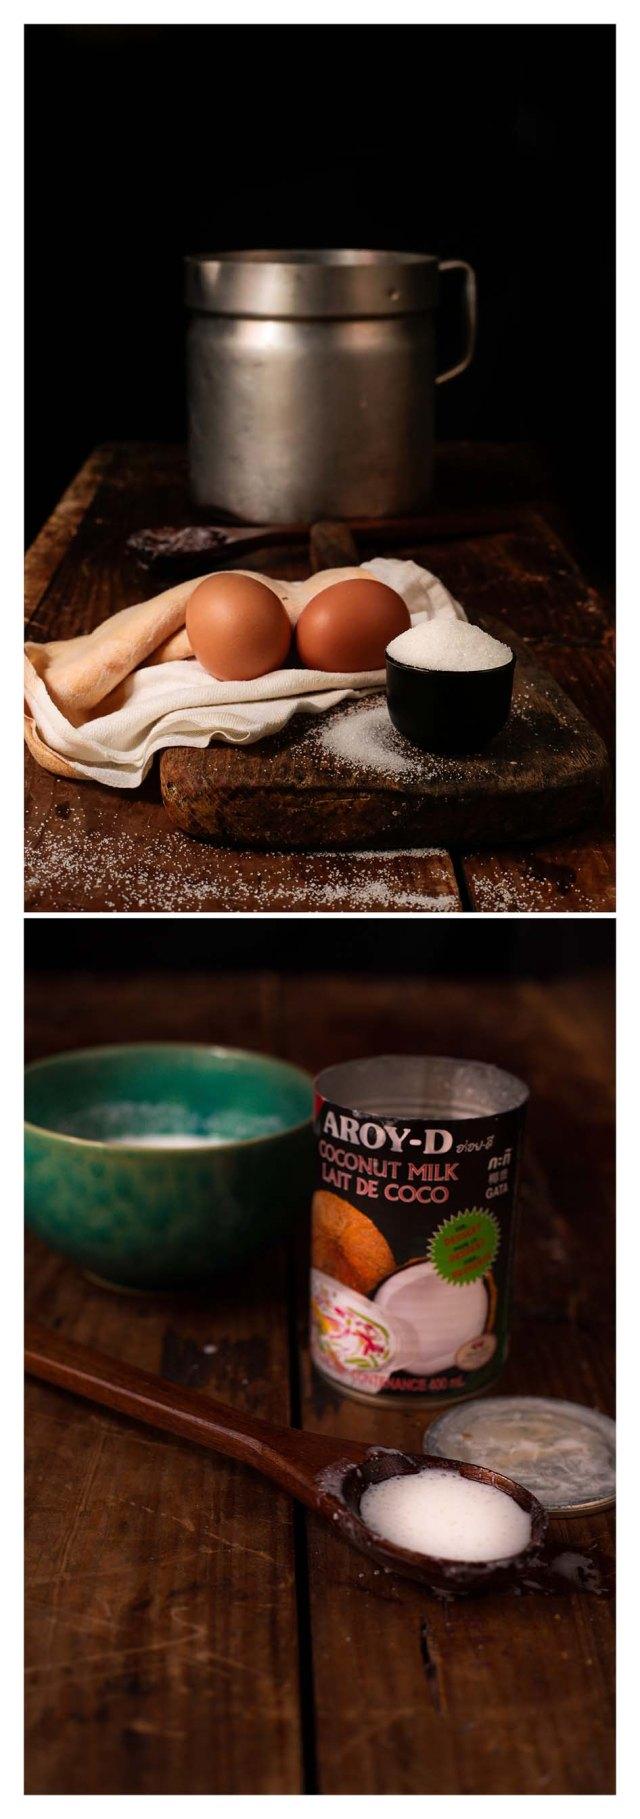 huevos, azúcar y leche